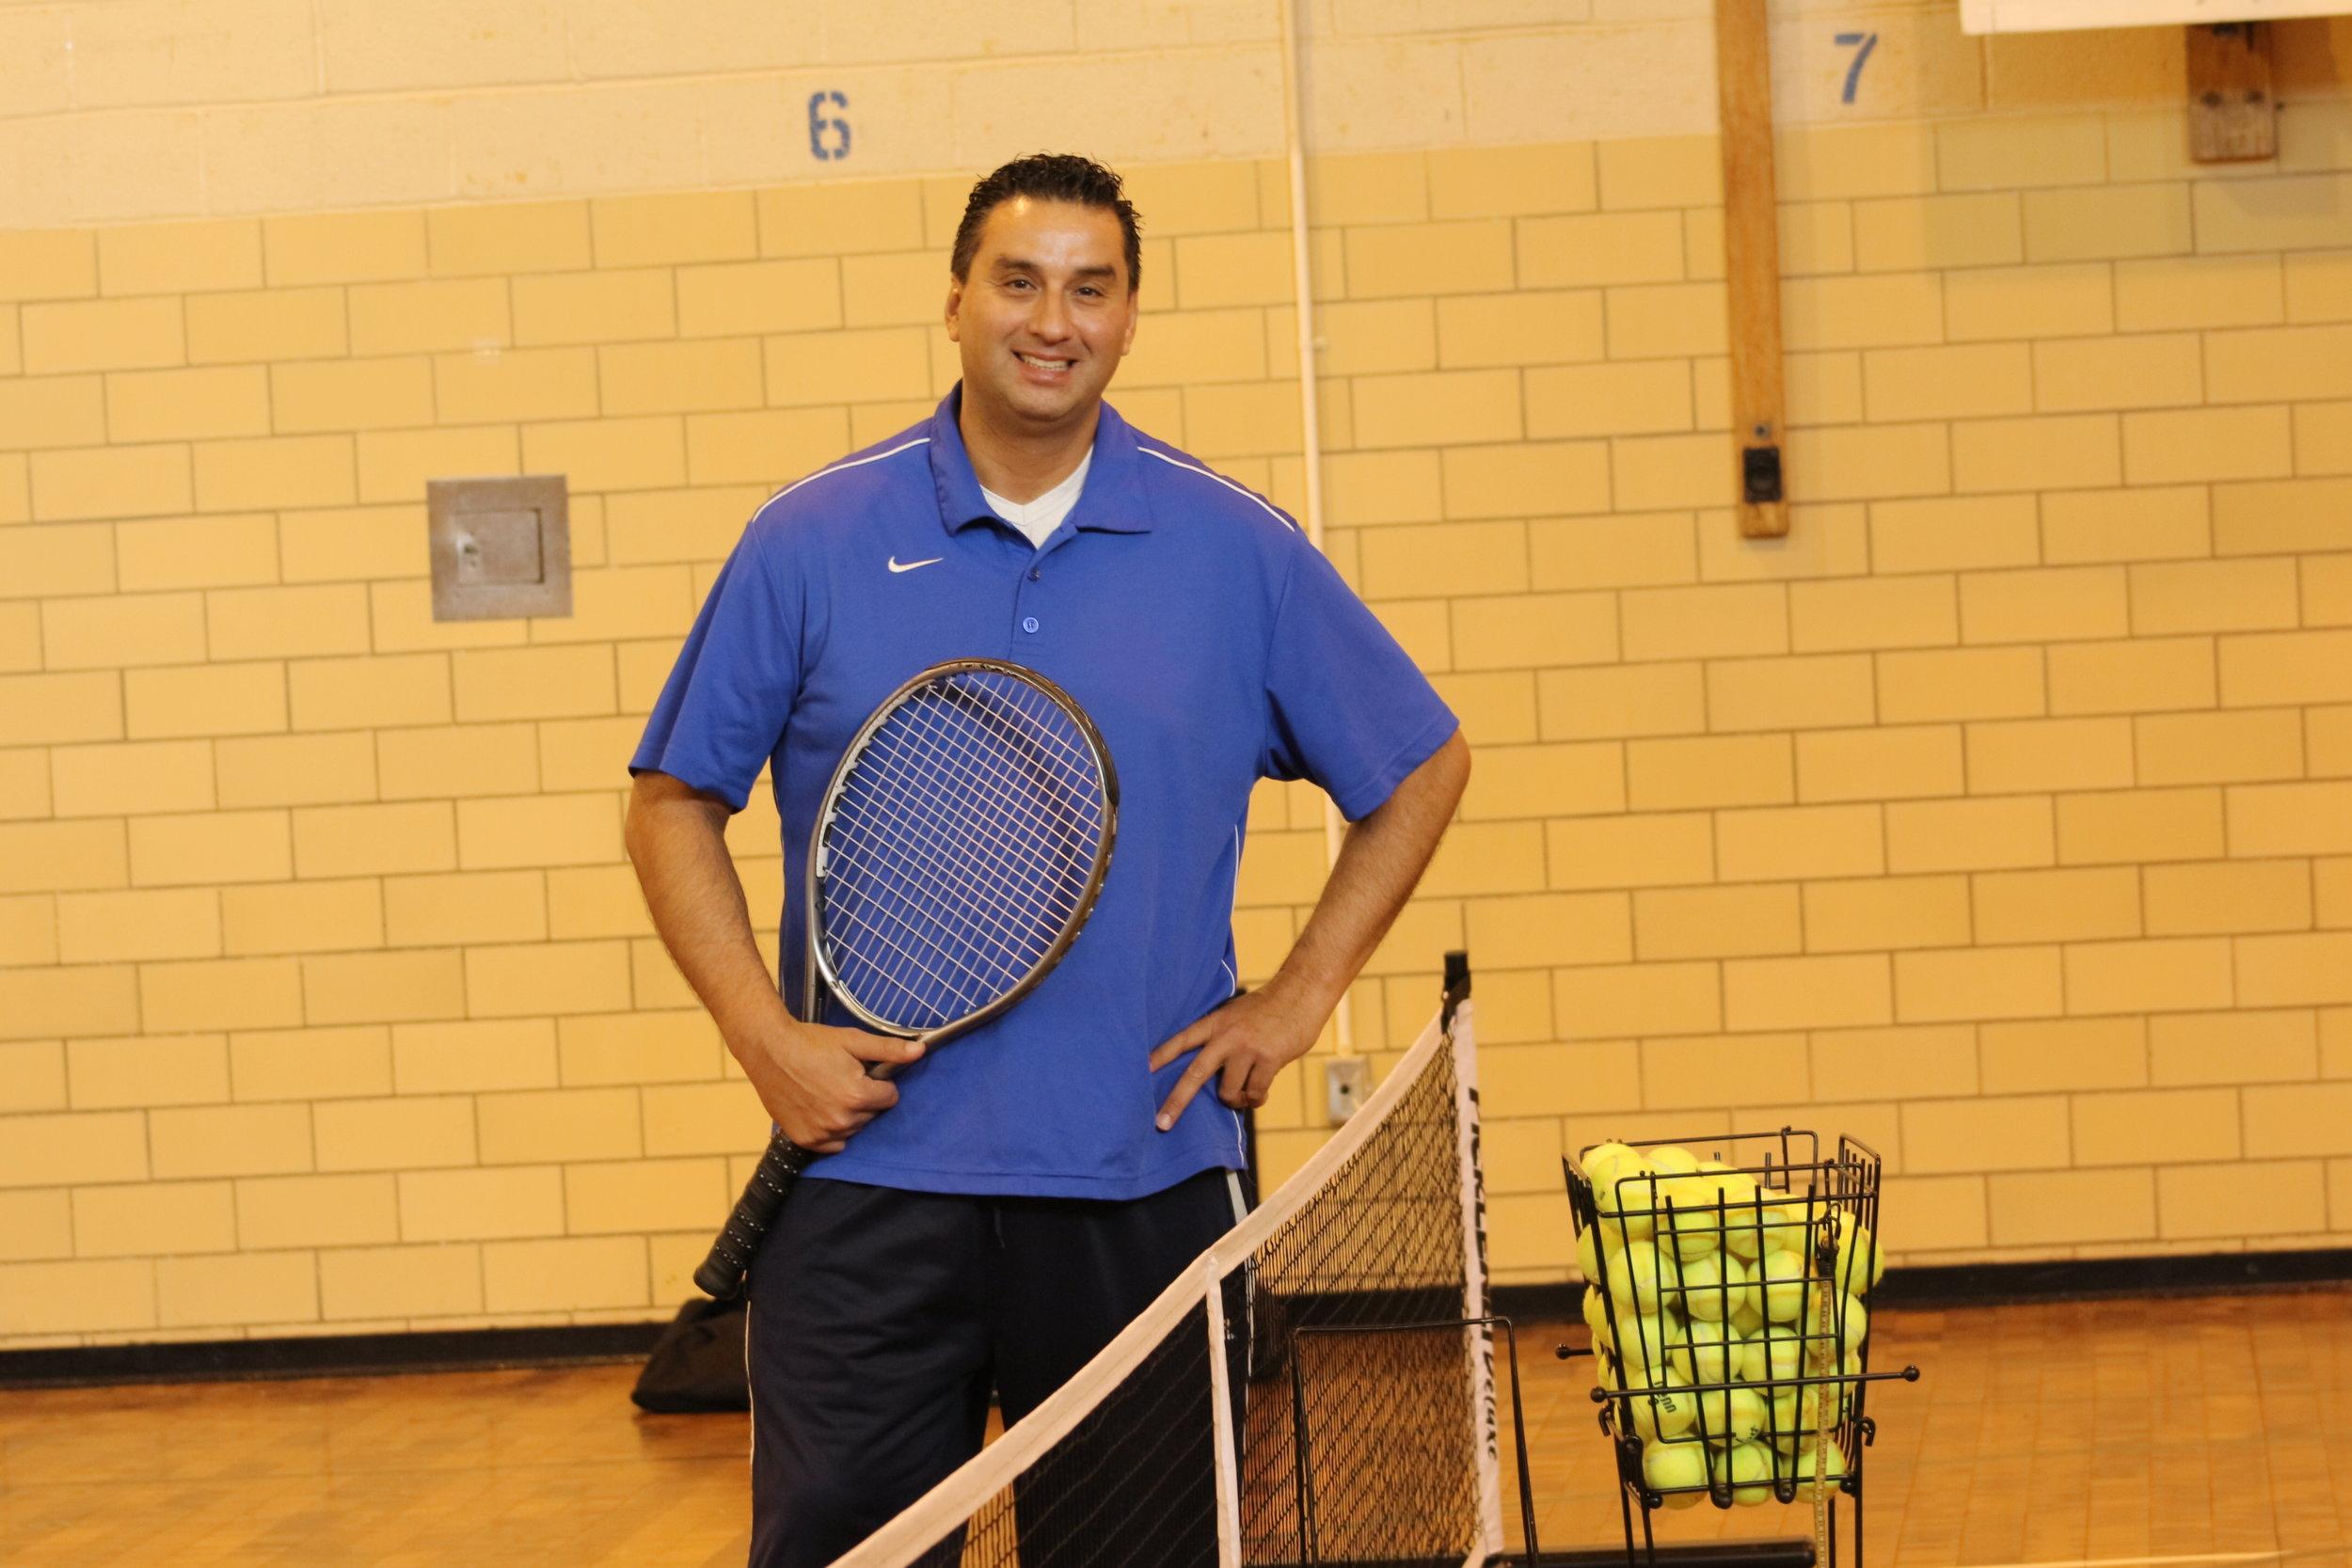 rob indoor tennis wprld nyc 2.JPG